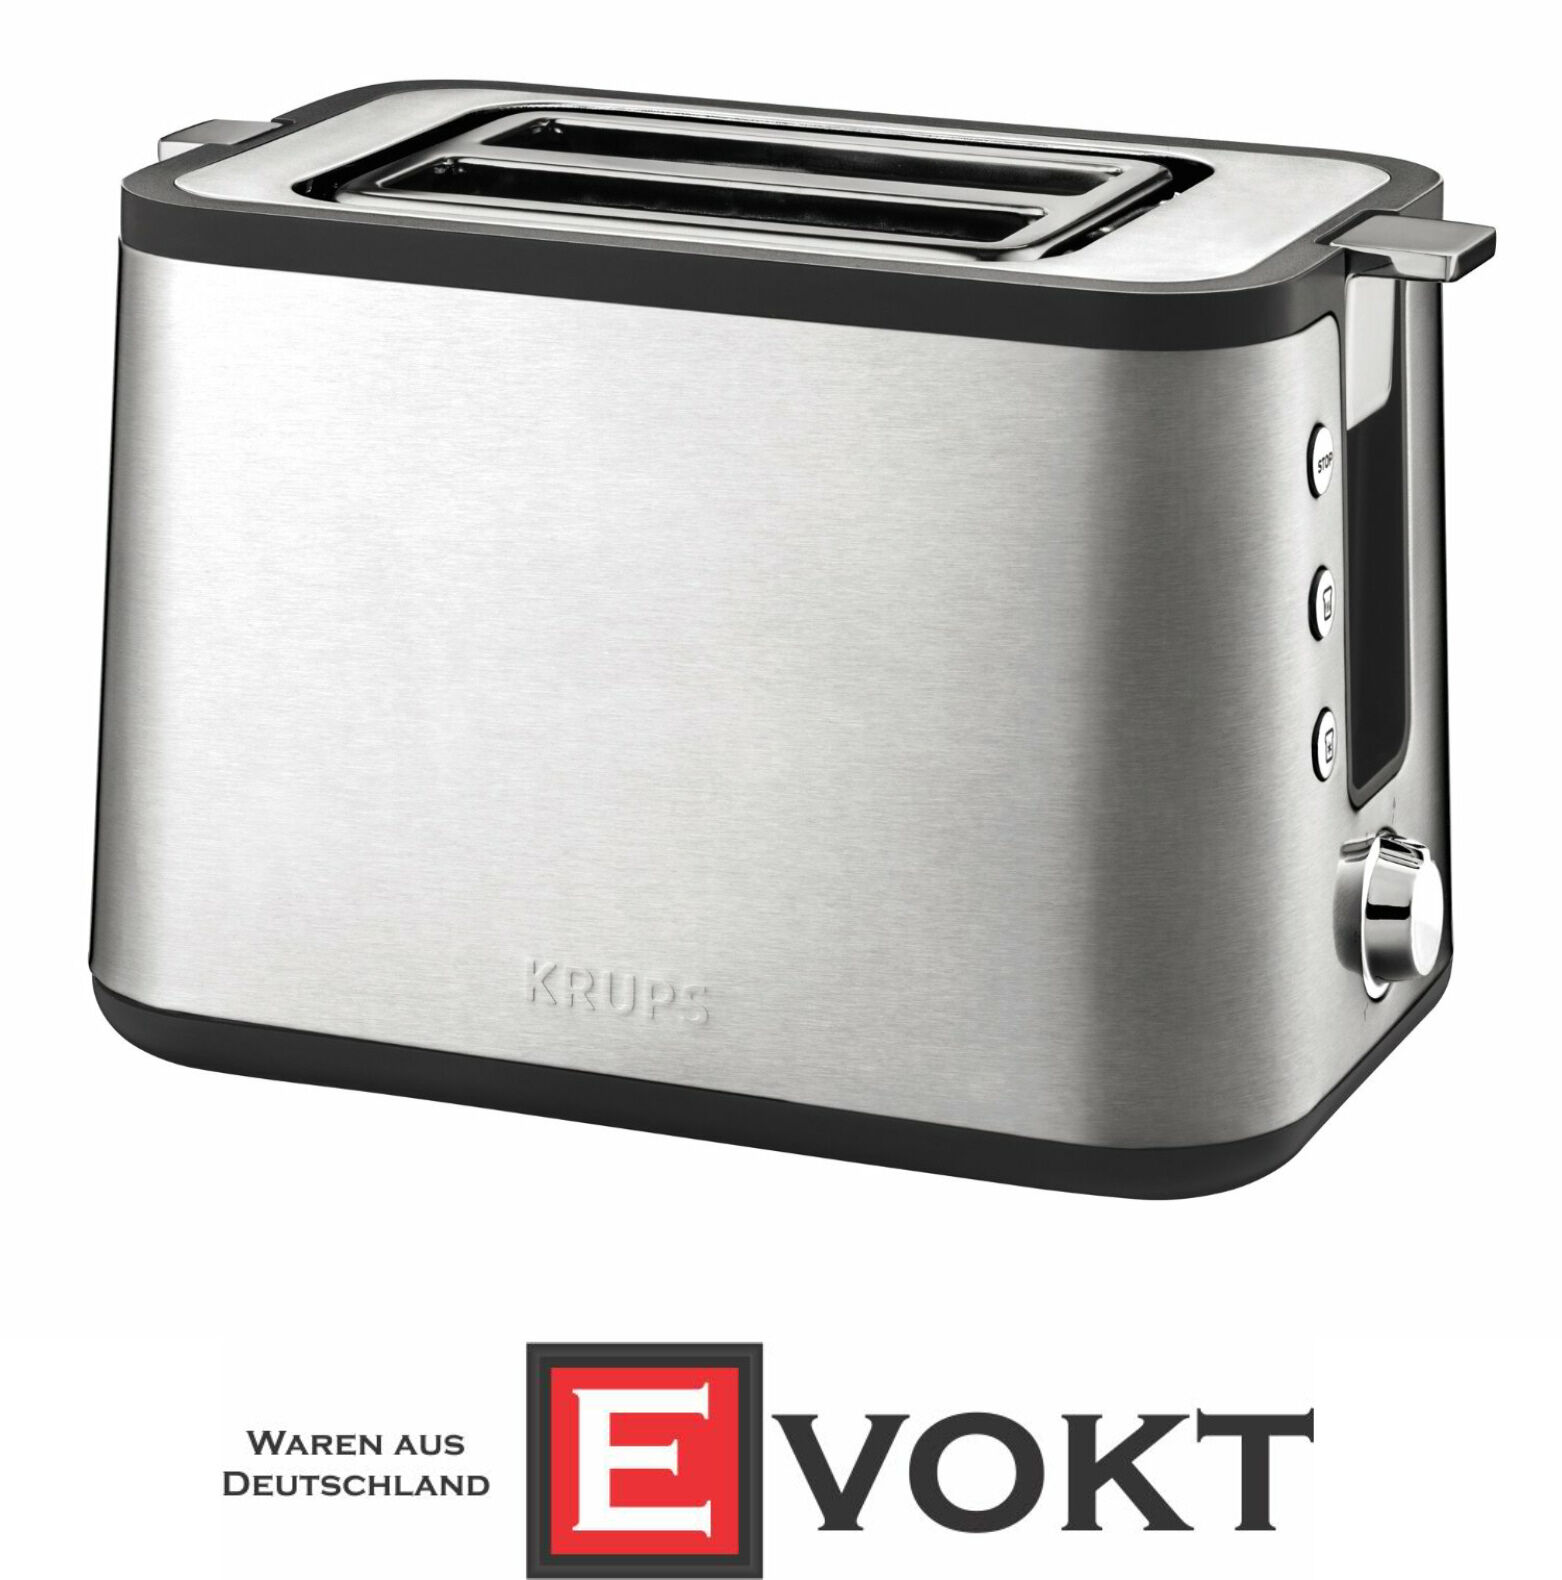 Krups KH 442 controlline Premium Grille-pain En Acier Inoxydable 700 W 2 emplacements Authentique